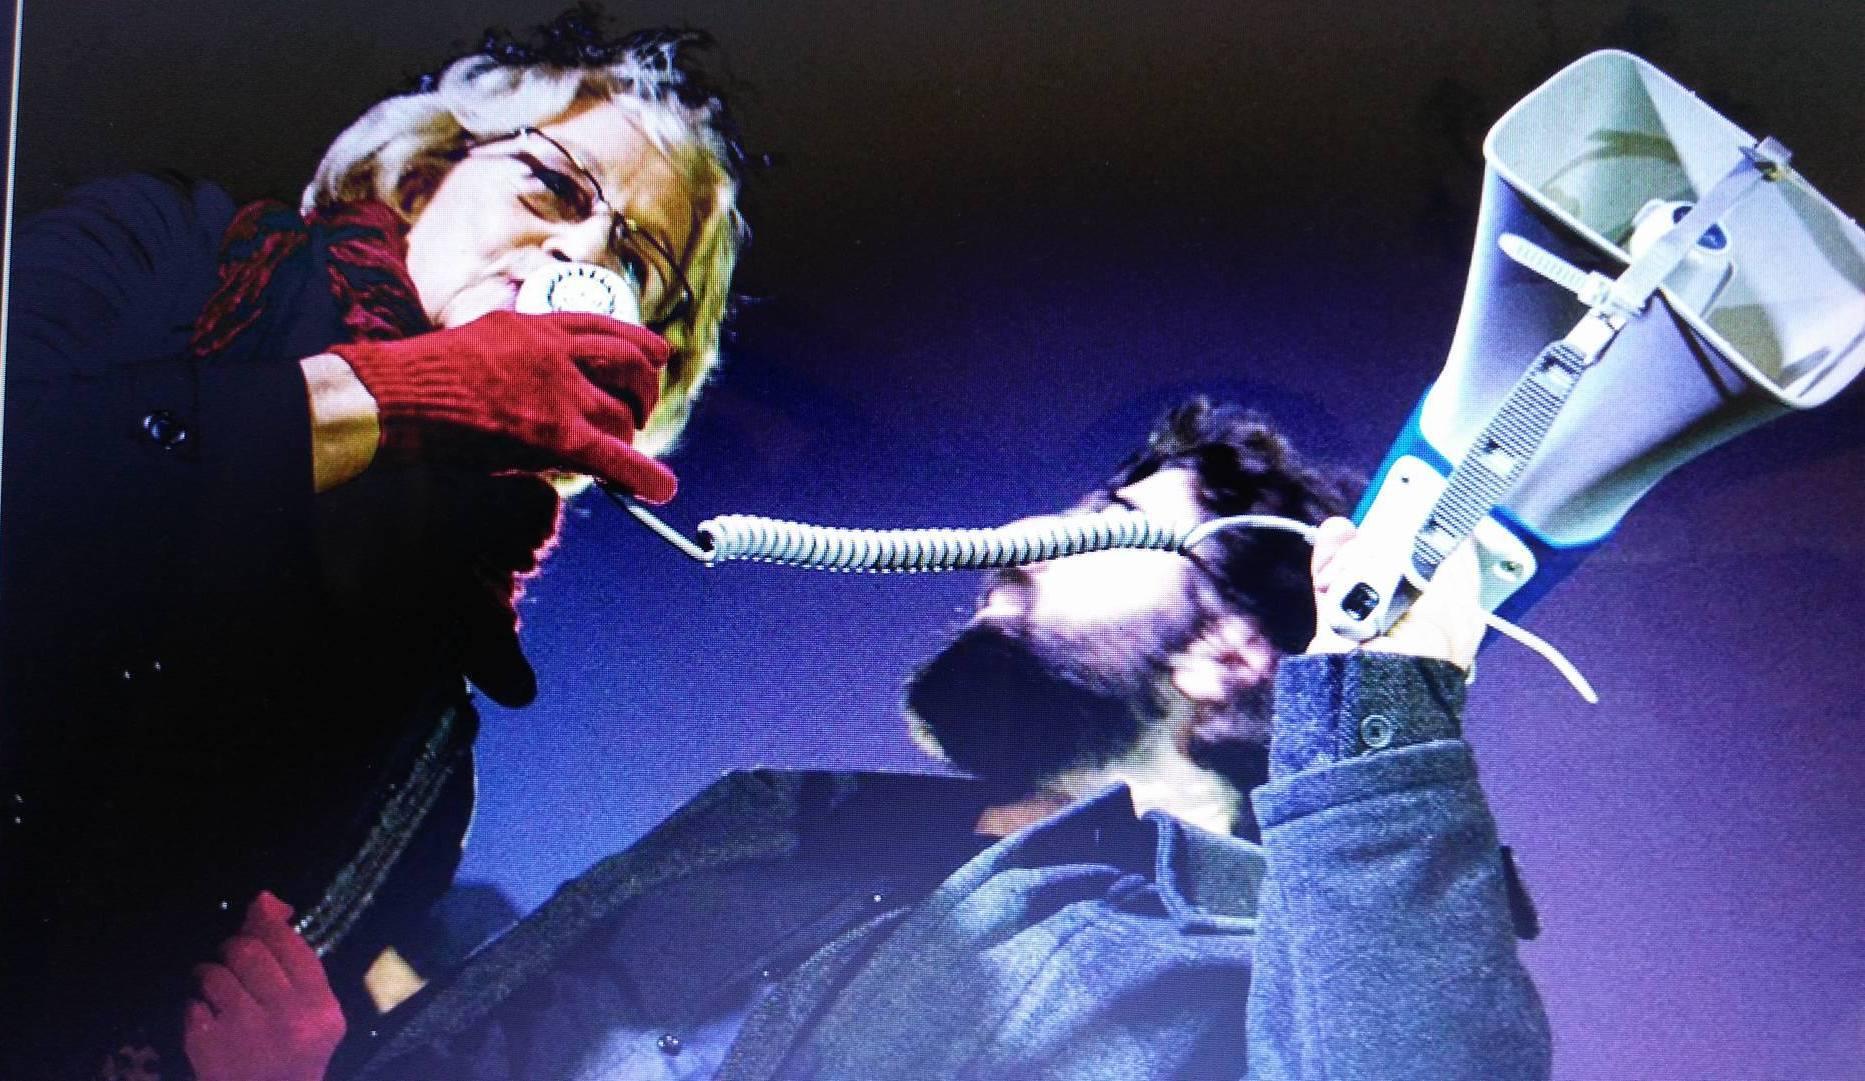 Irina Subotić sa megafonom na protestu zbog odugovlačenja rekonstrukcije MSU. foto: DeMaterijalizacija umetnosti